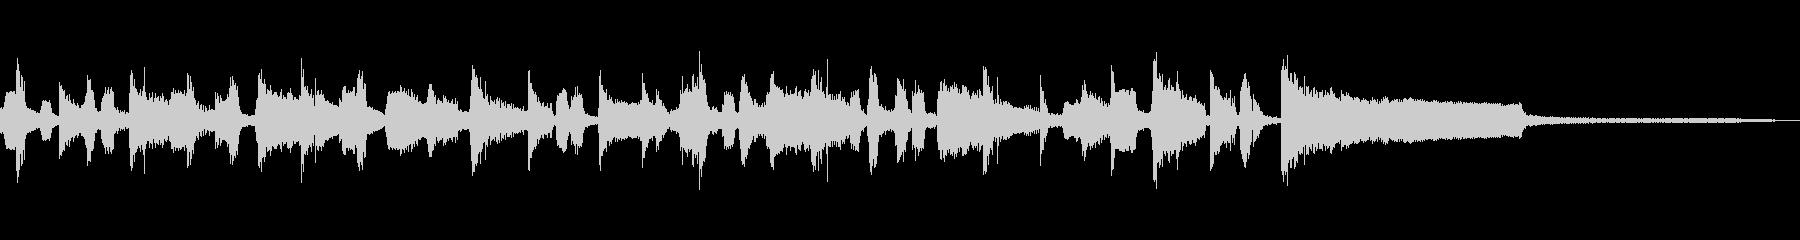 ガットギター&コンガにトロンボーンのソロの未再生の波形